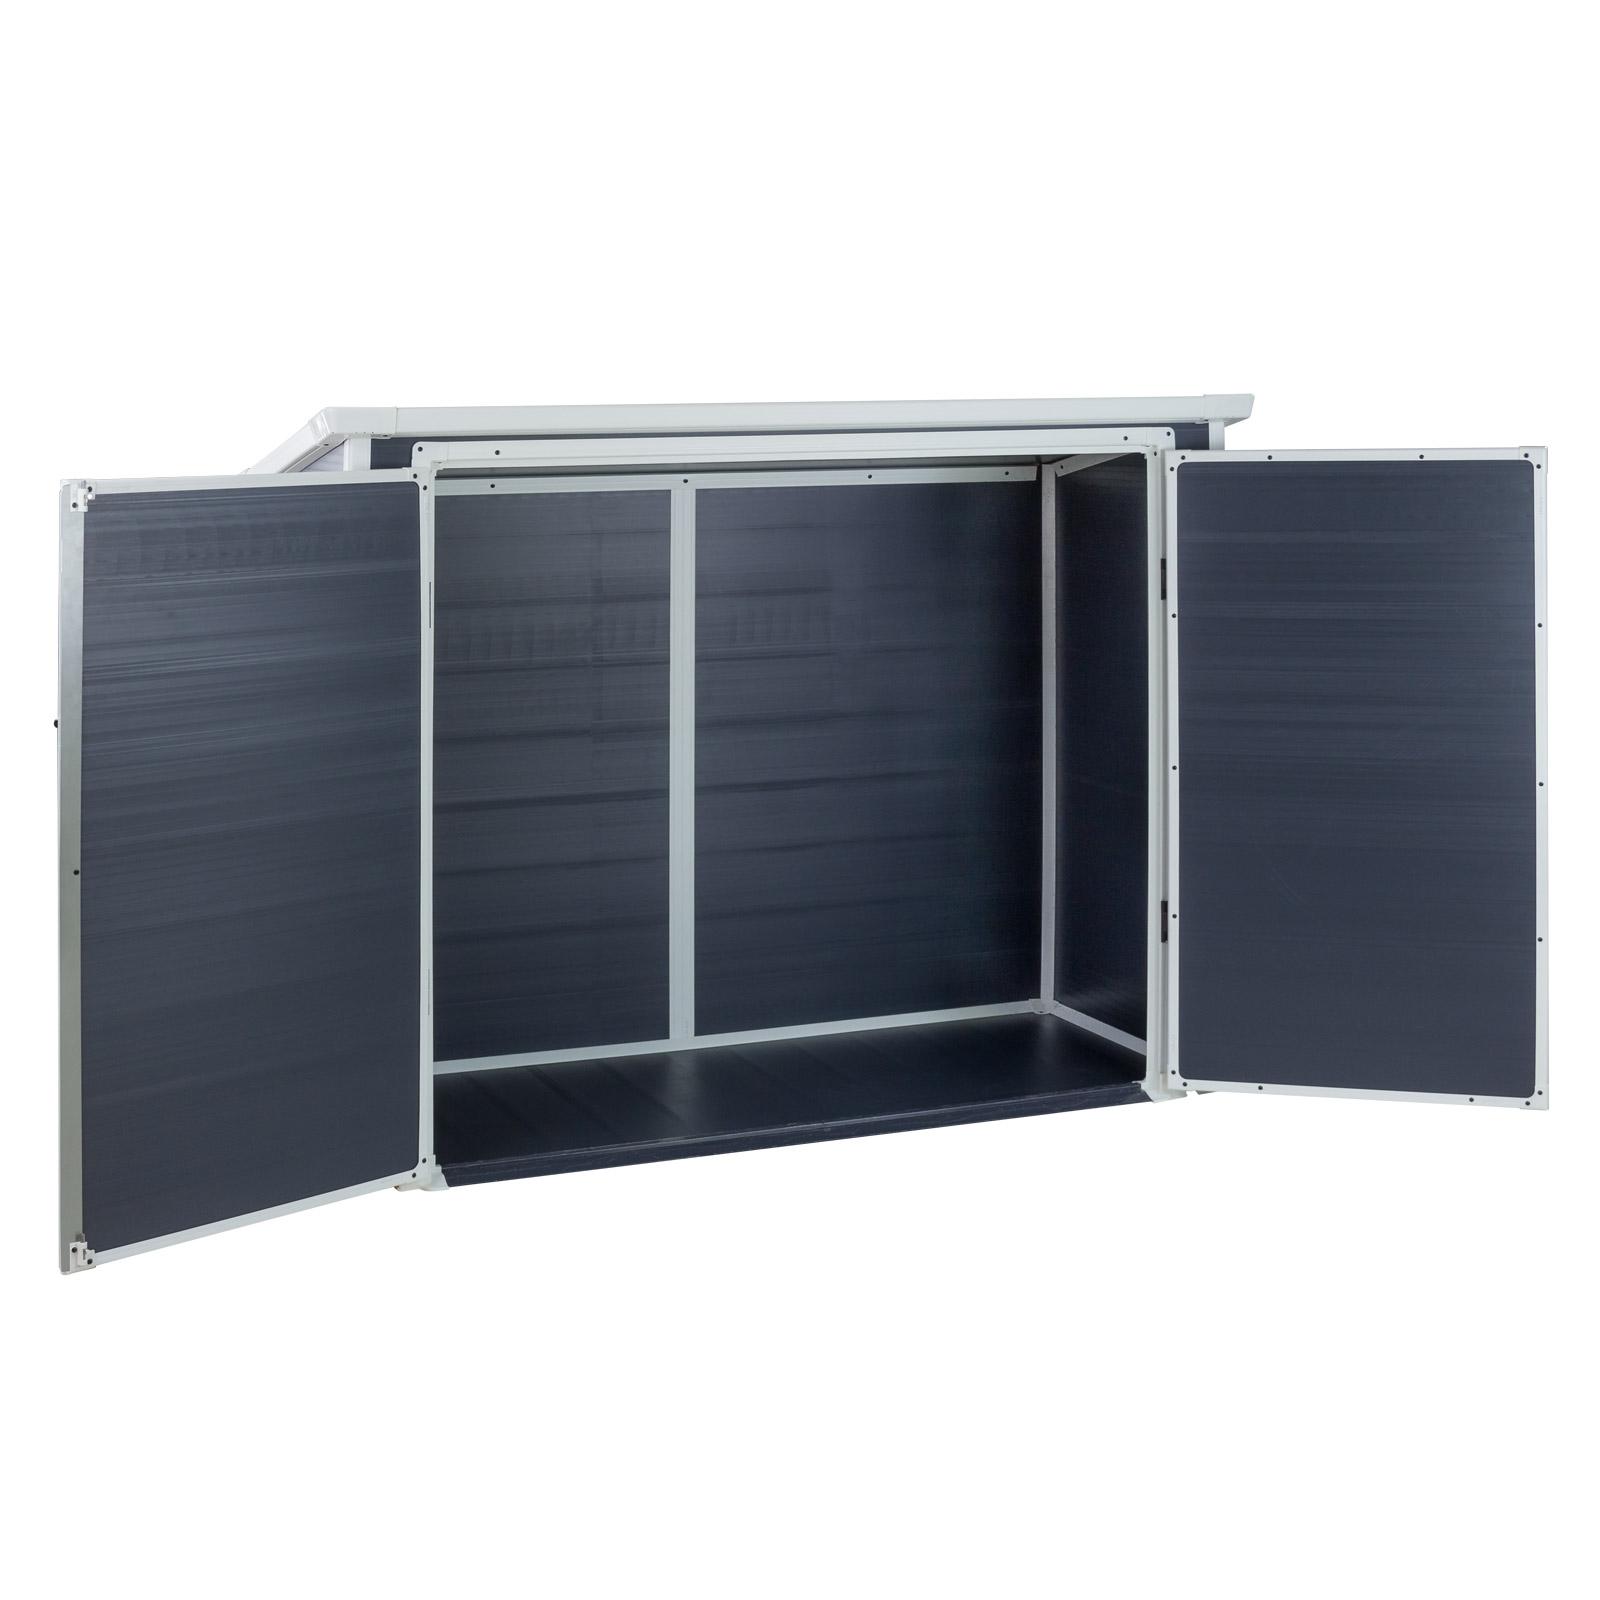 kunststoff aufbewahrungsbox universalbox m lltonnenbox ger teschuppen ger tehaus ebay. Black Bedroom Furniture Sets. Home Design Ideas